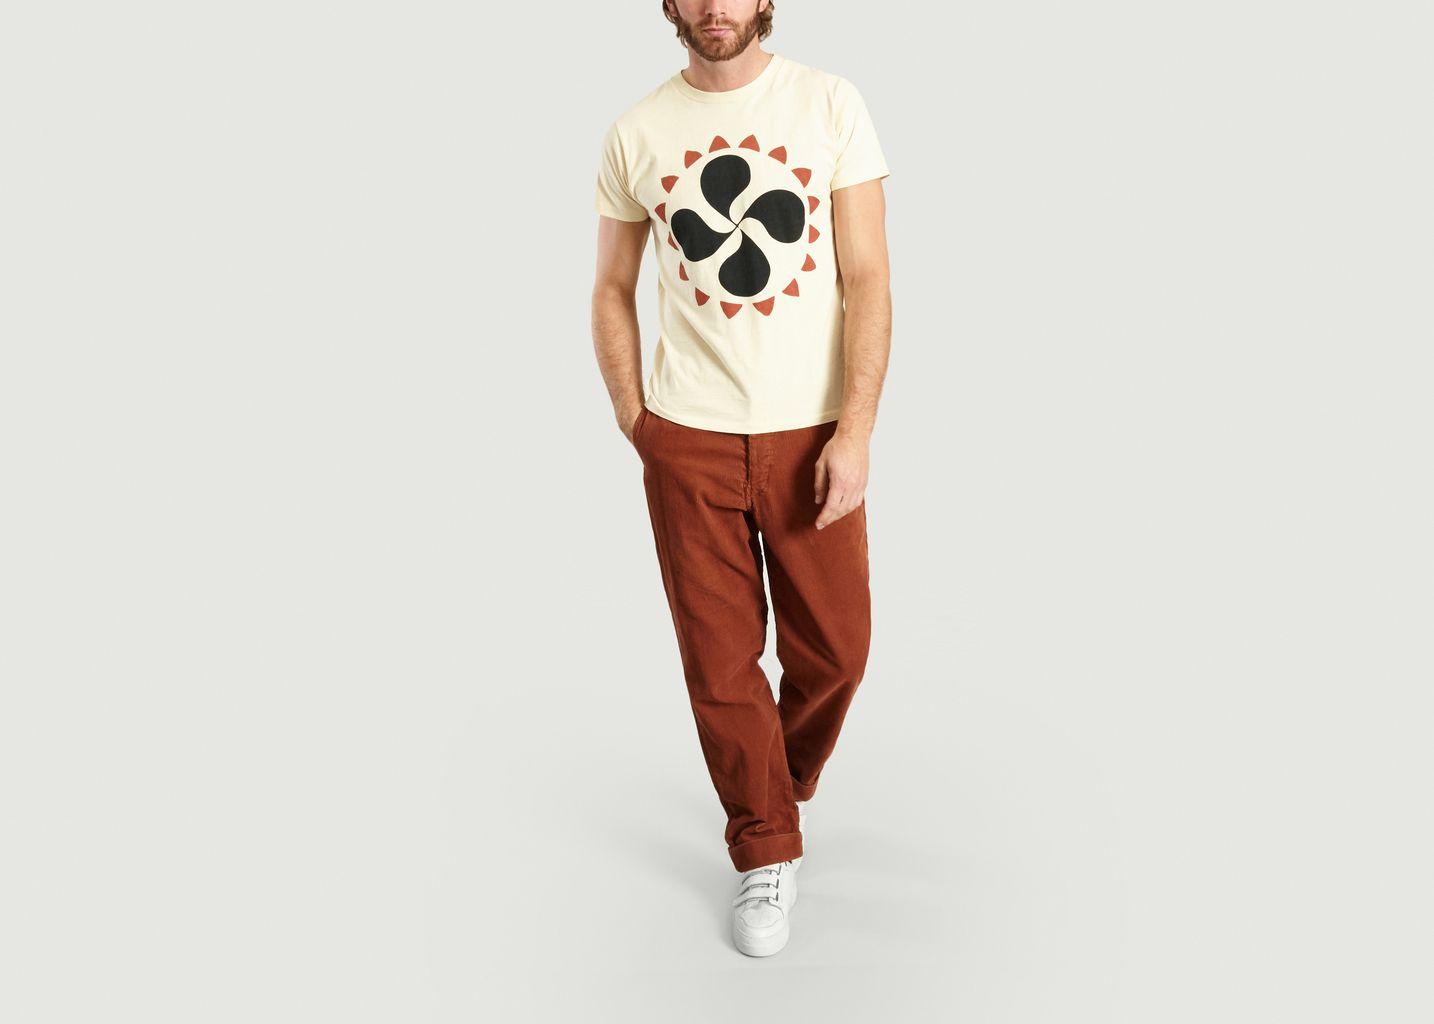 T-Shirt Print Croix - Levi's Vintage Clothing